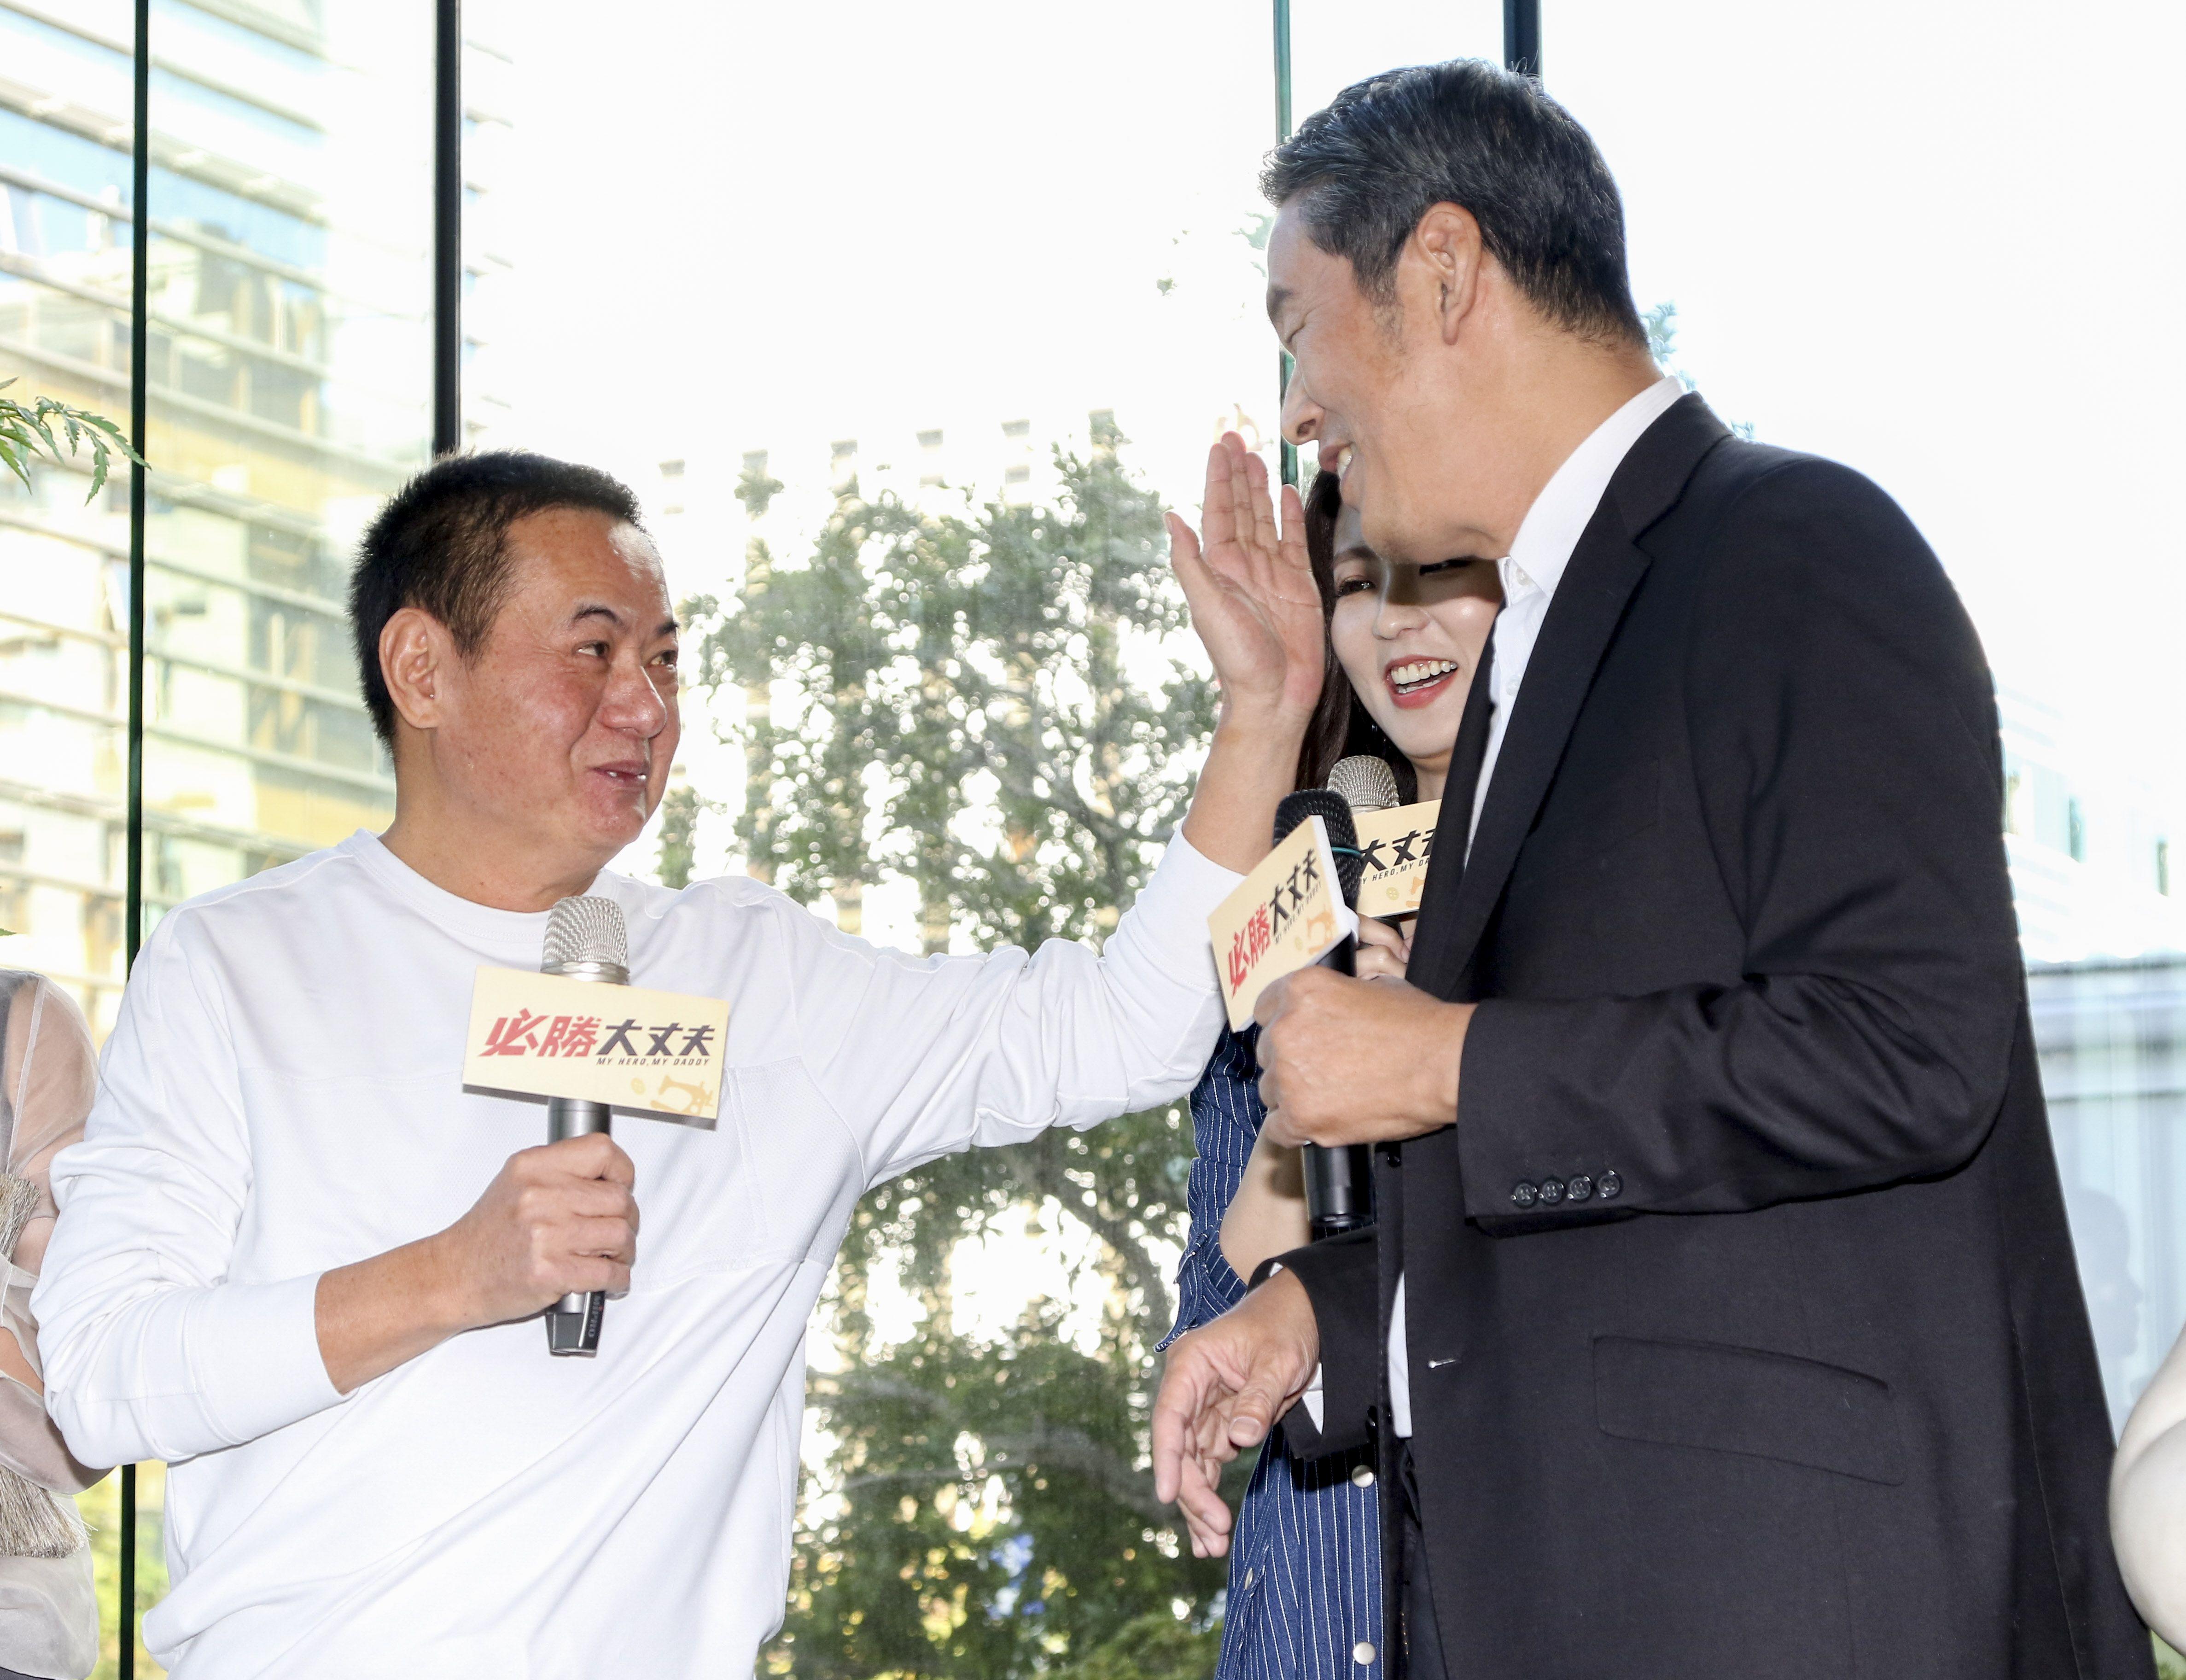 三立新八點華劇「必勝大丈夫」前世情人真心話記者會,蔡振南與周曉涵父親見面。(記者林士傑/攝影)